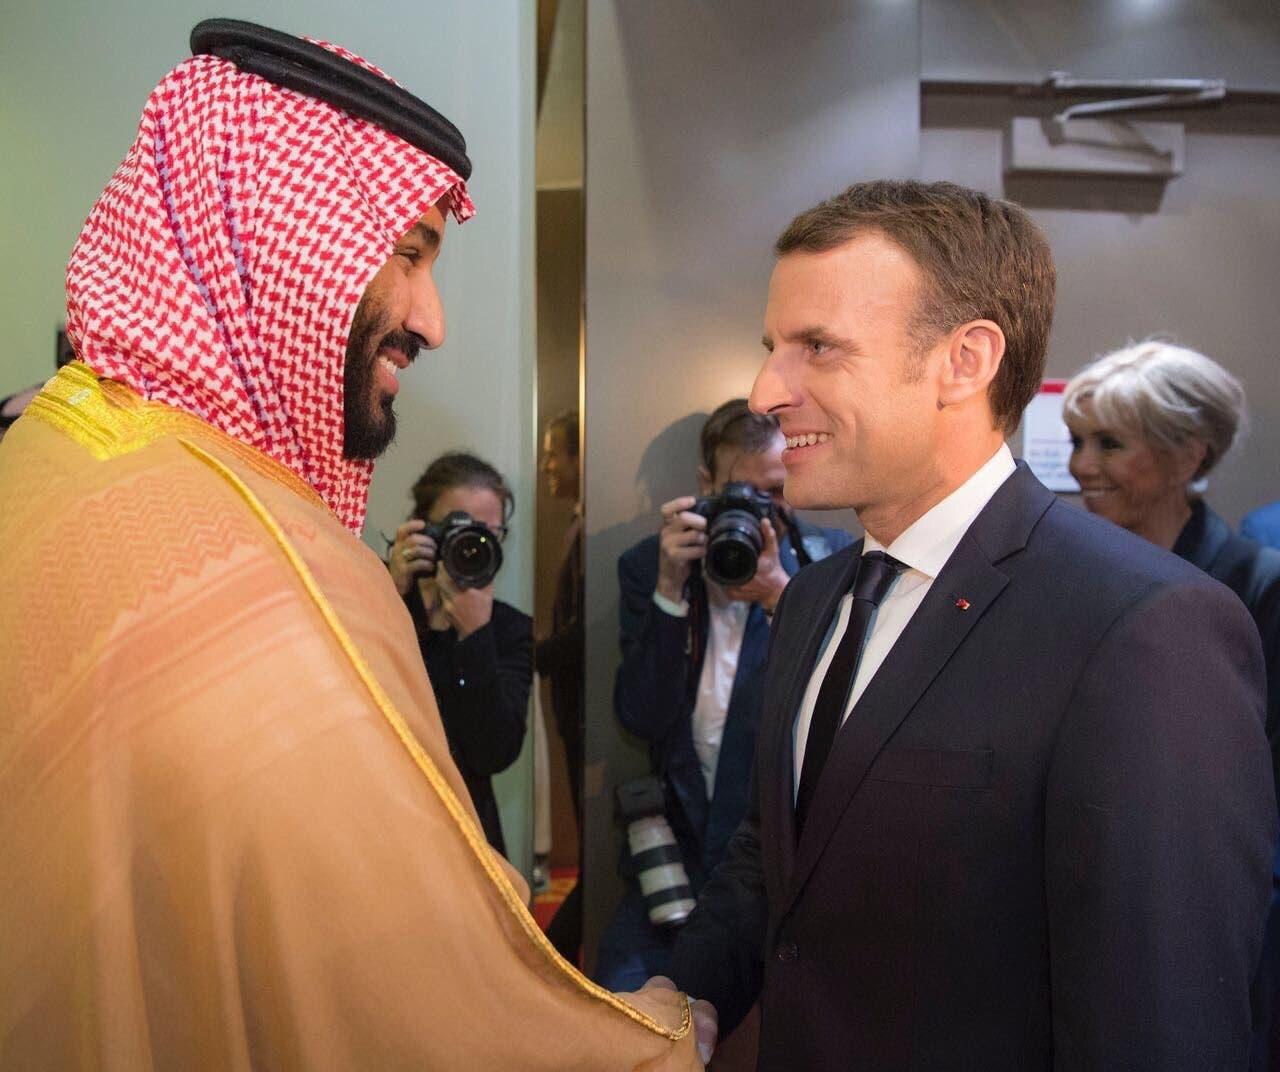 الأمير محمد بن سلمان كان في استقبال الرئيس ماكرون بالمطار